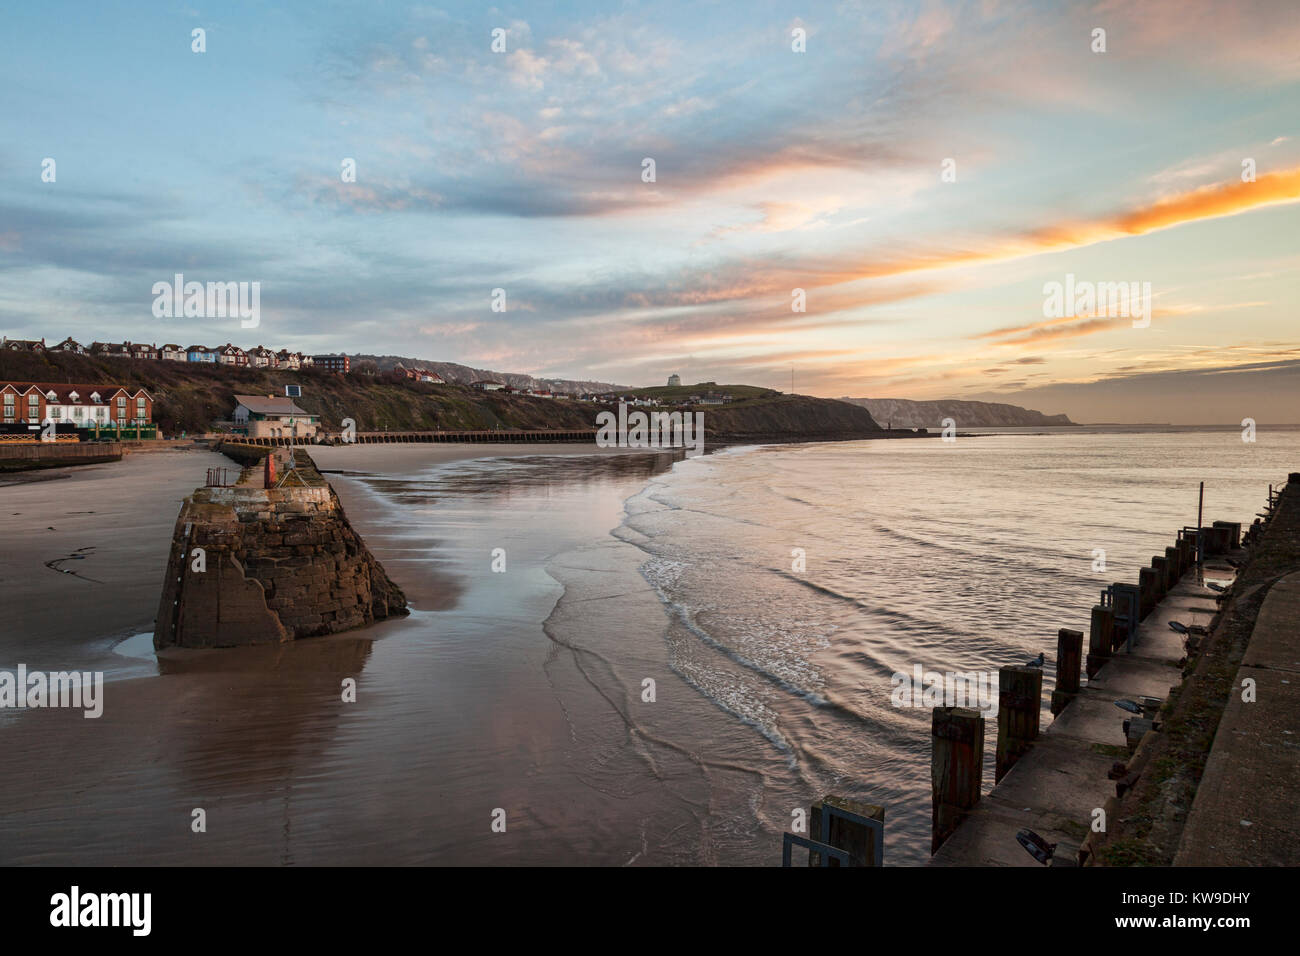 Folkestone Harbour, Kent, England, UK, at sunrise. - Stock Image